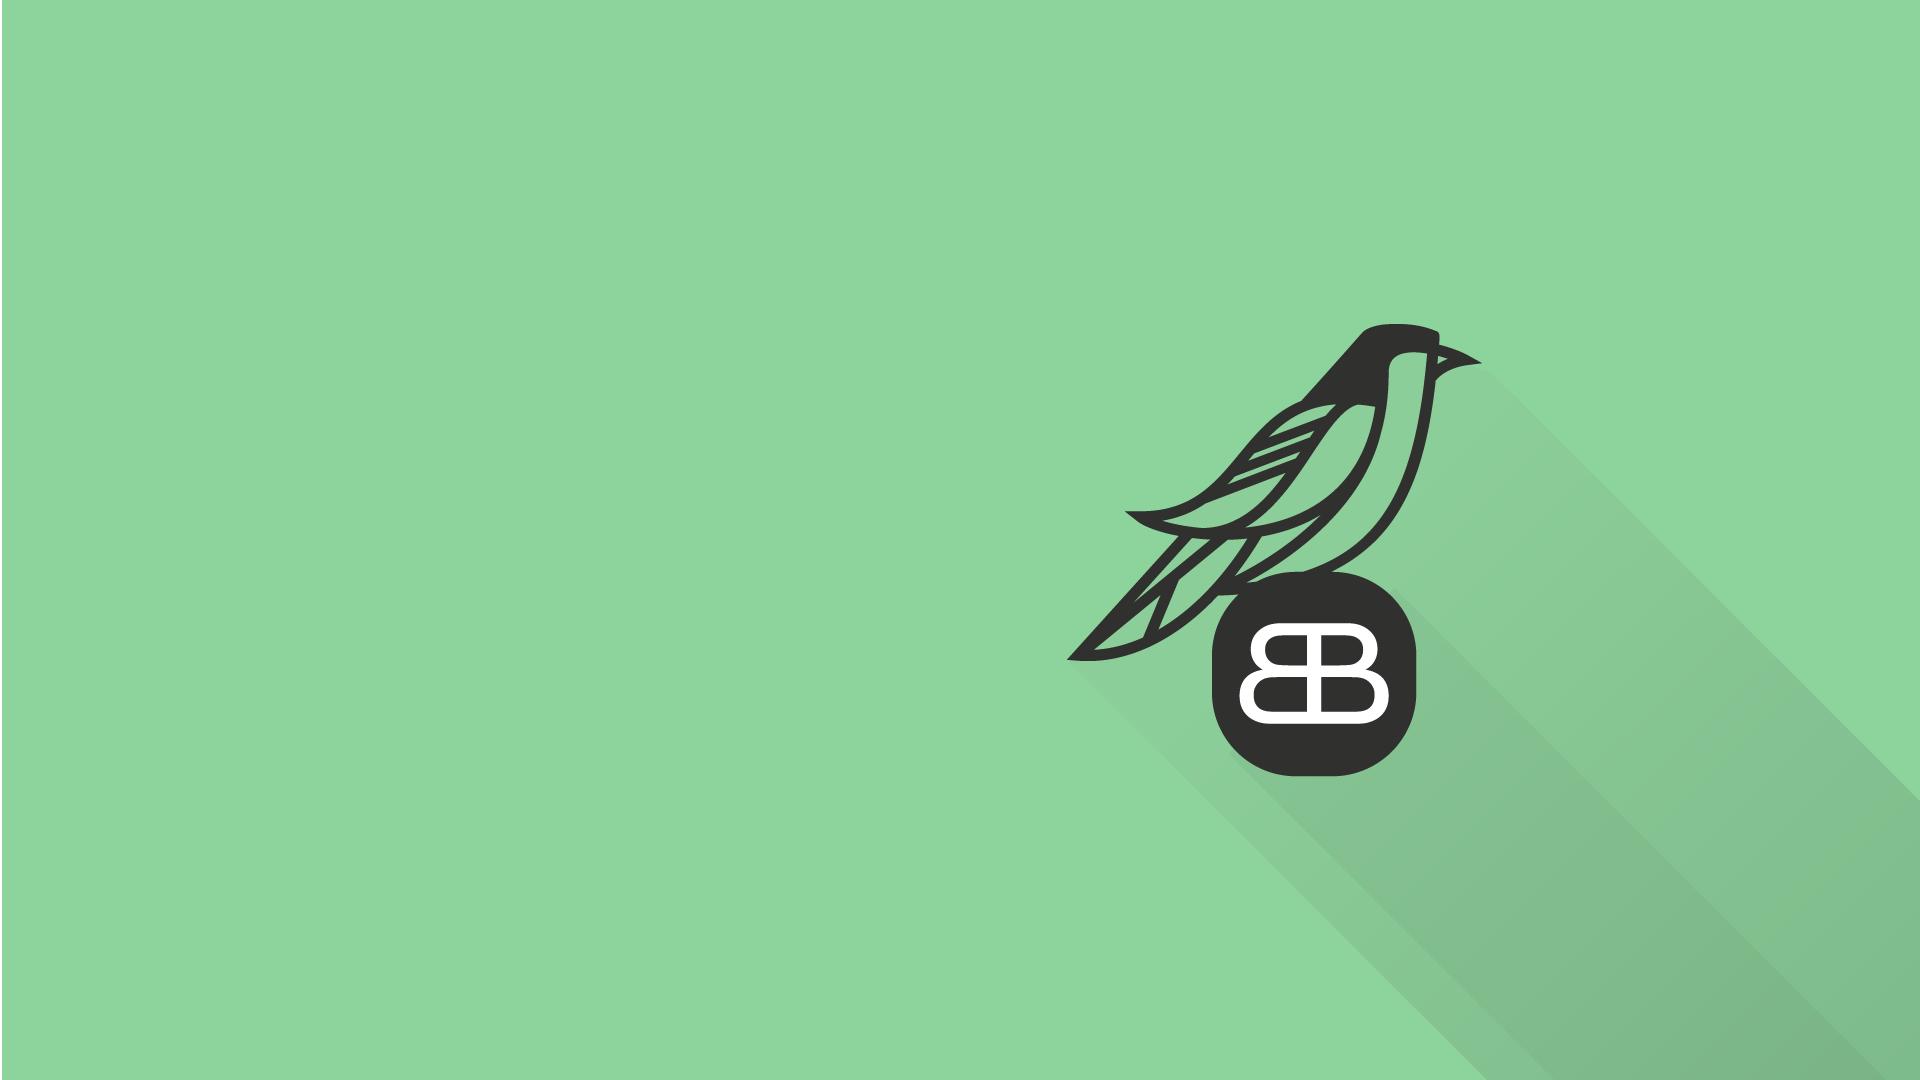 (c) Blackbirddesign.ch